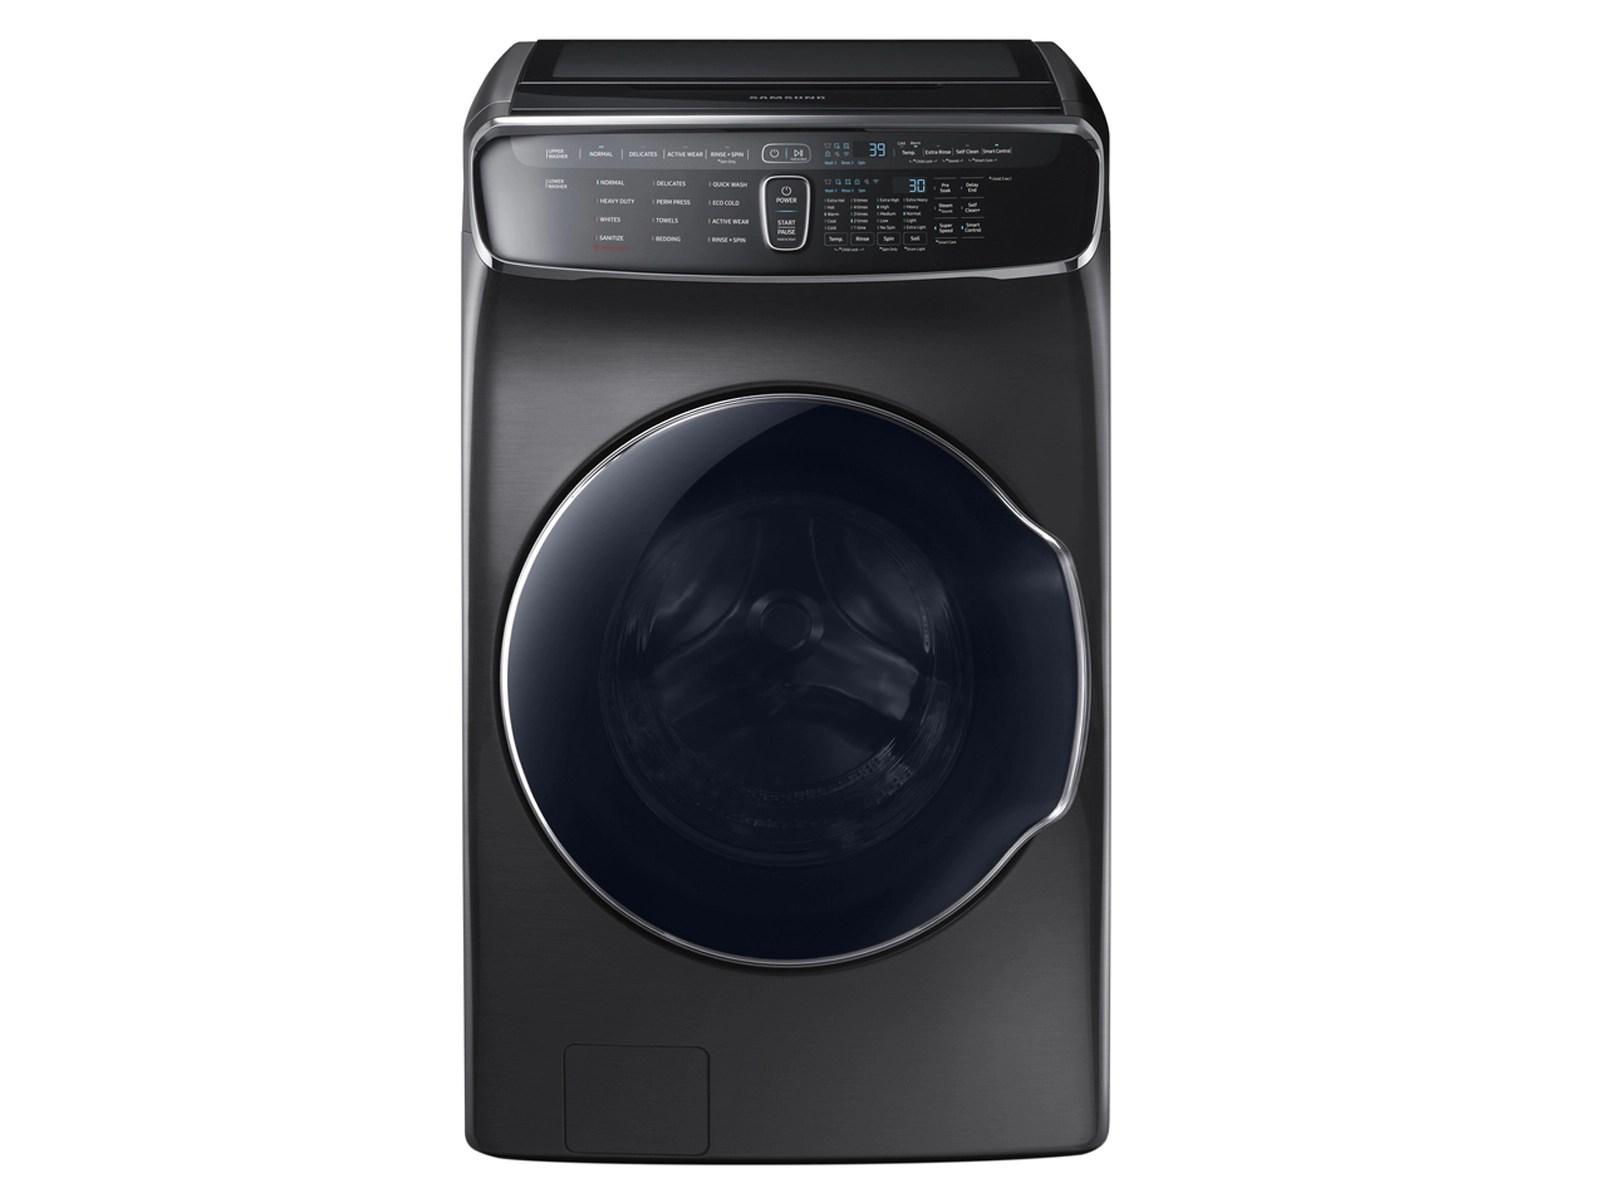 hight resolution of flexwash washer washers wv60m9900av a5 samsung us